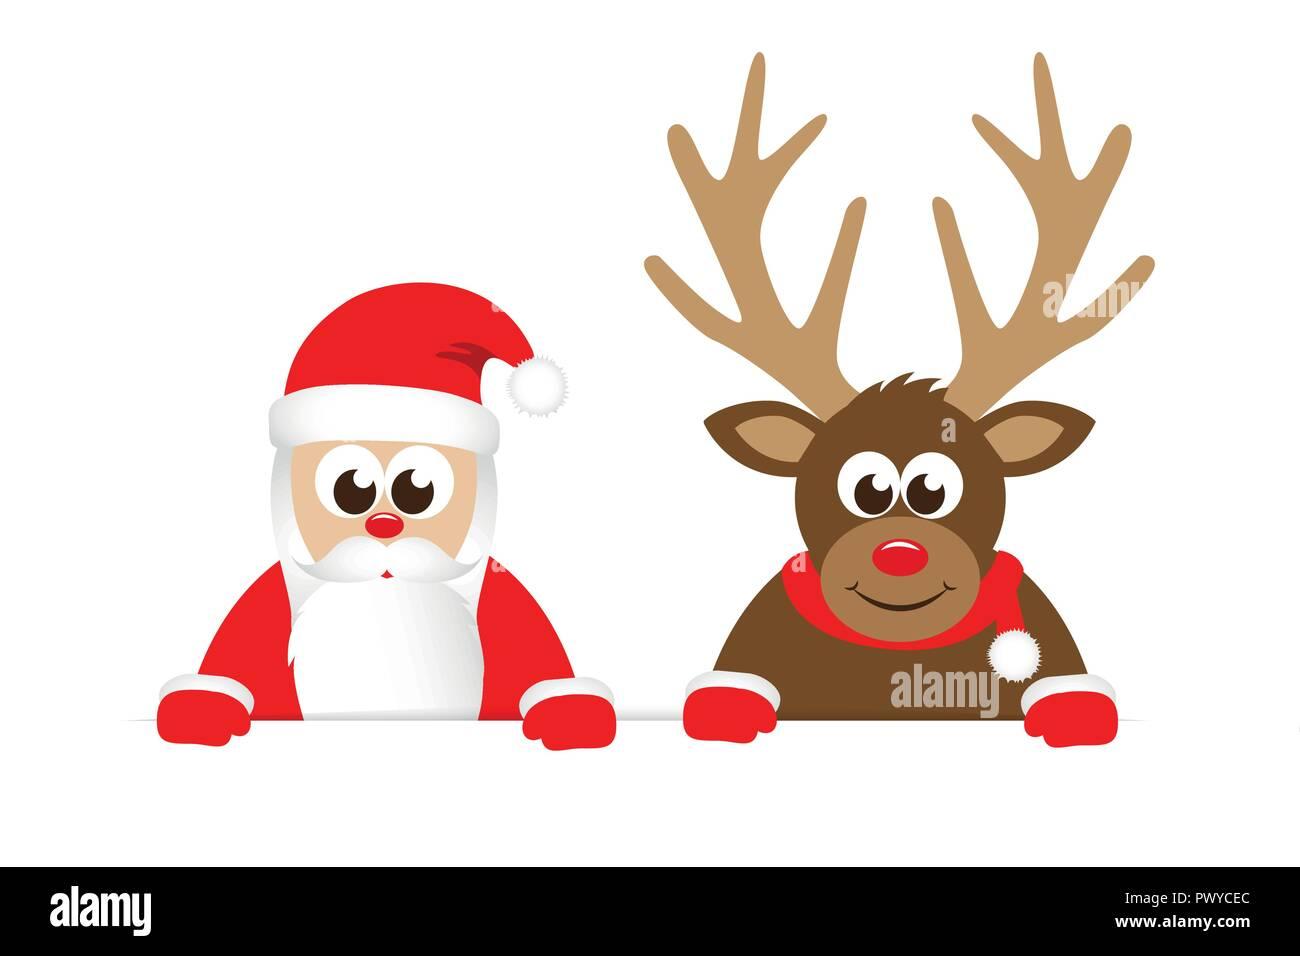 Bilder Rentiere Weihnachten.Rentier Und Weihnachtsmann Weihnachten Cartoon Illustration Vektor